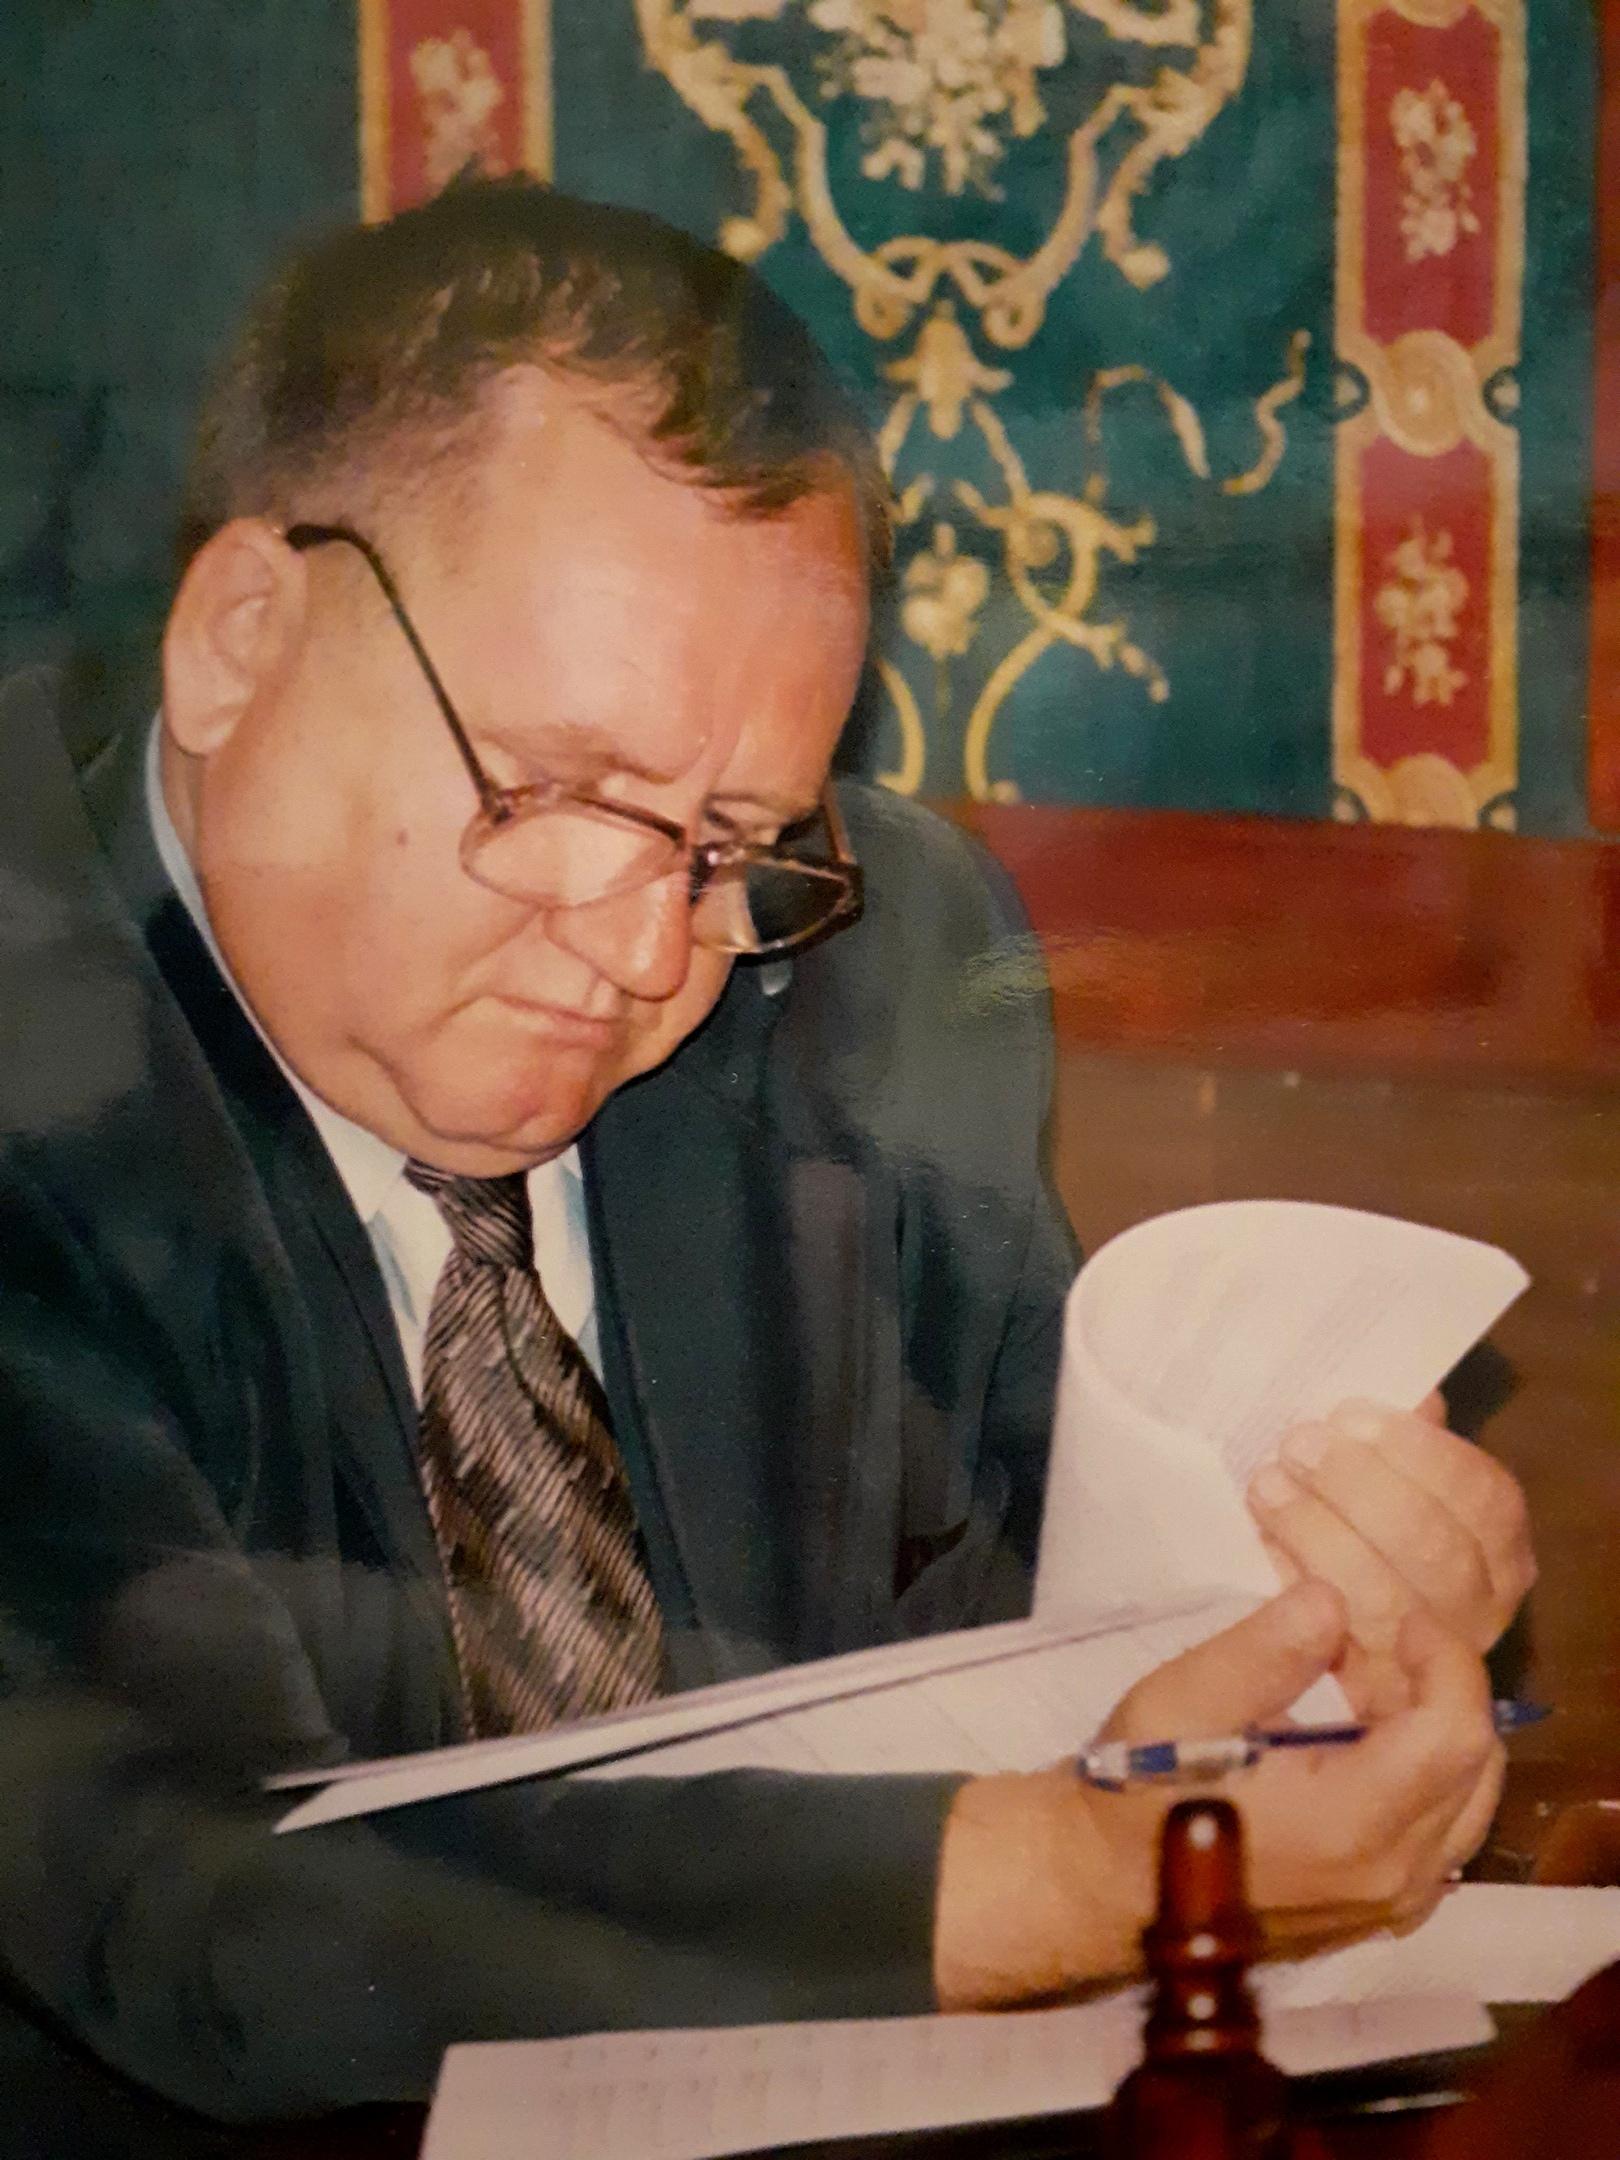 Бывший главный казначей Тверской области рассказал про династию, сны и хоккей